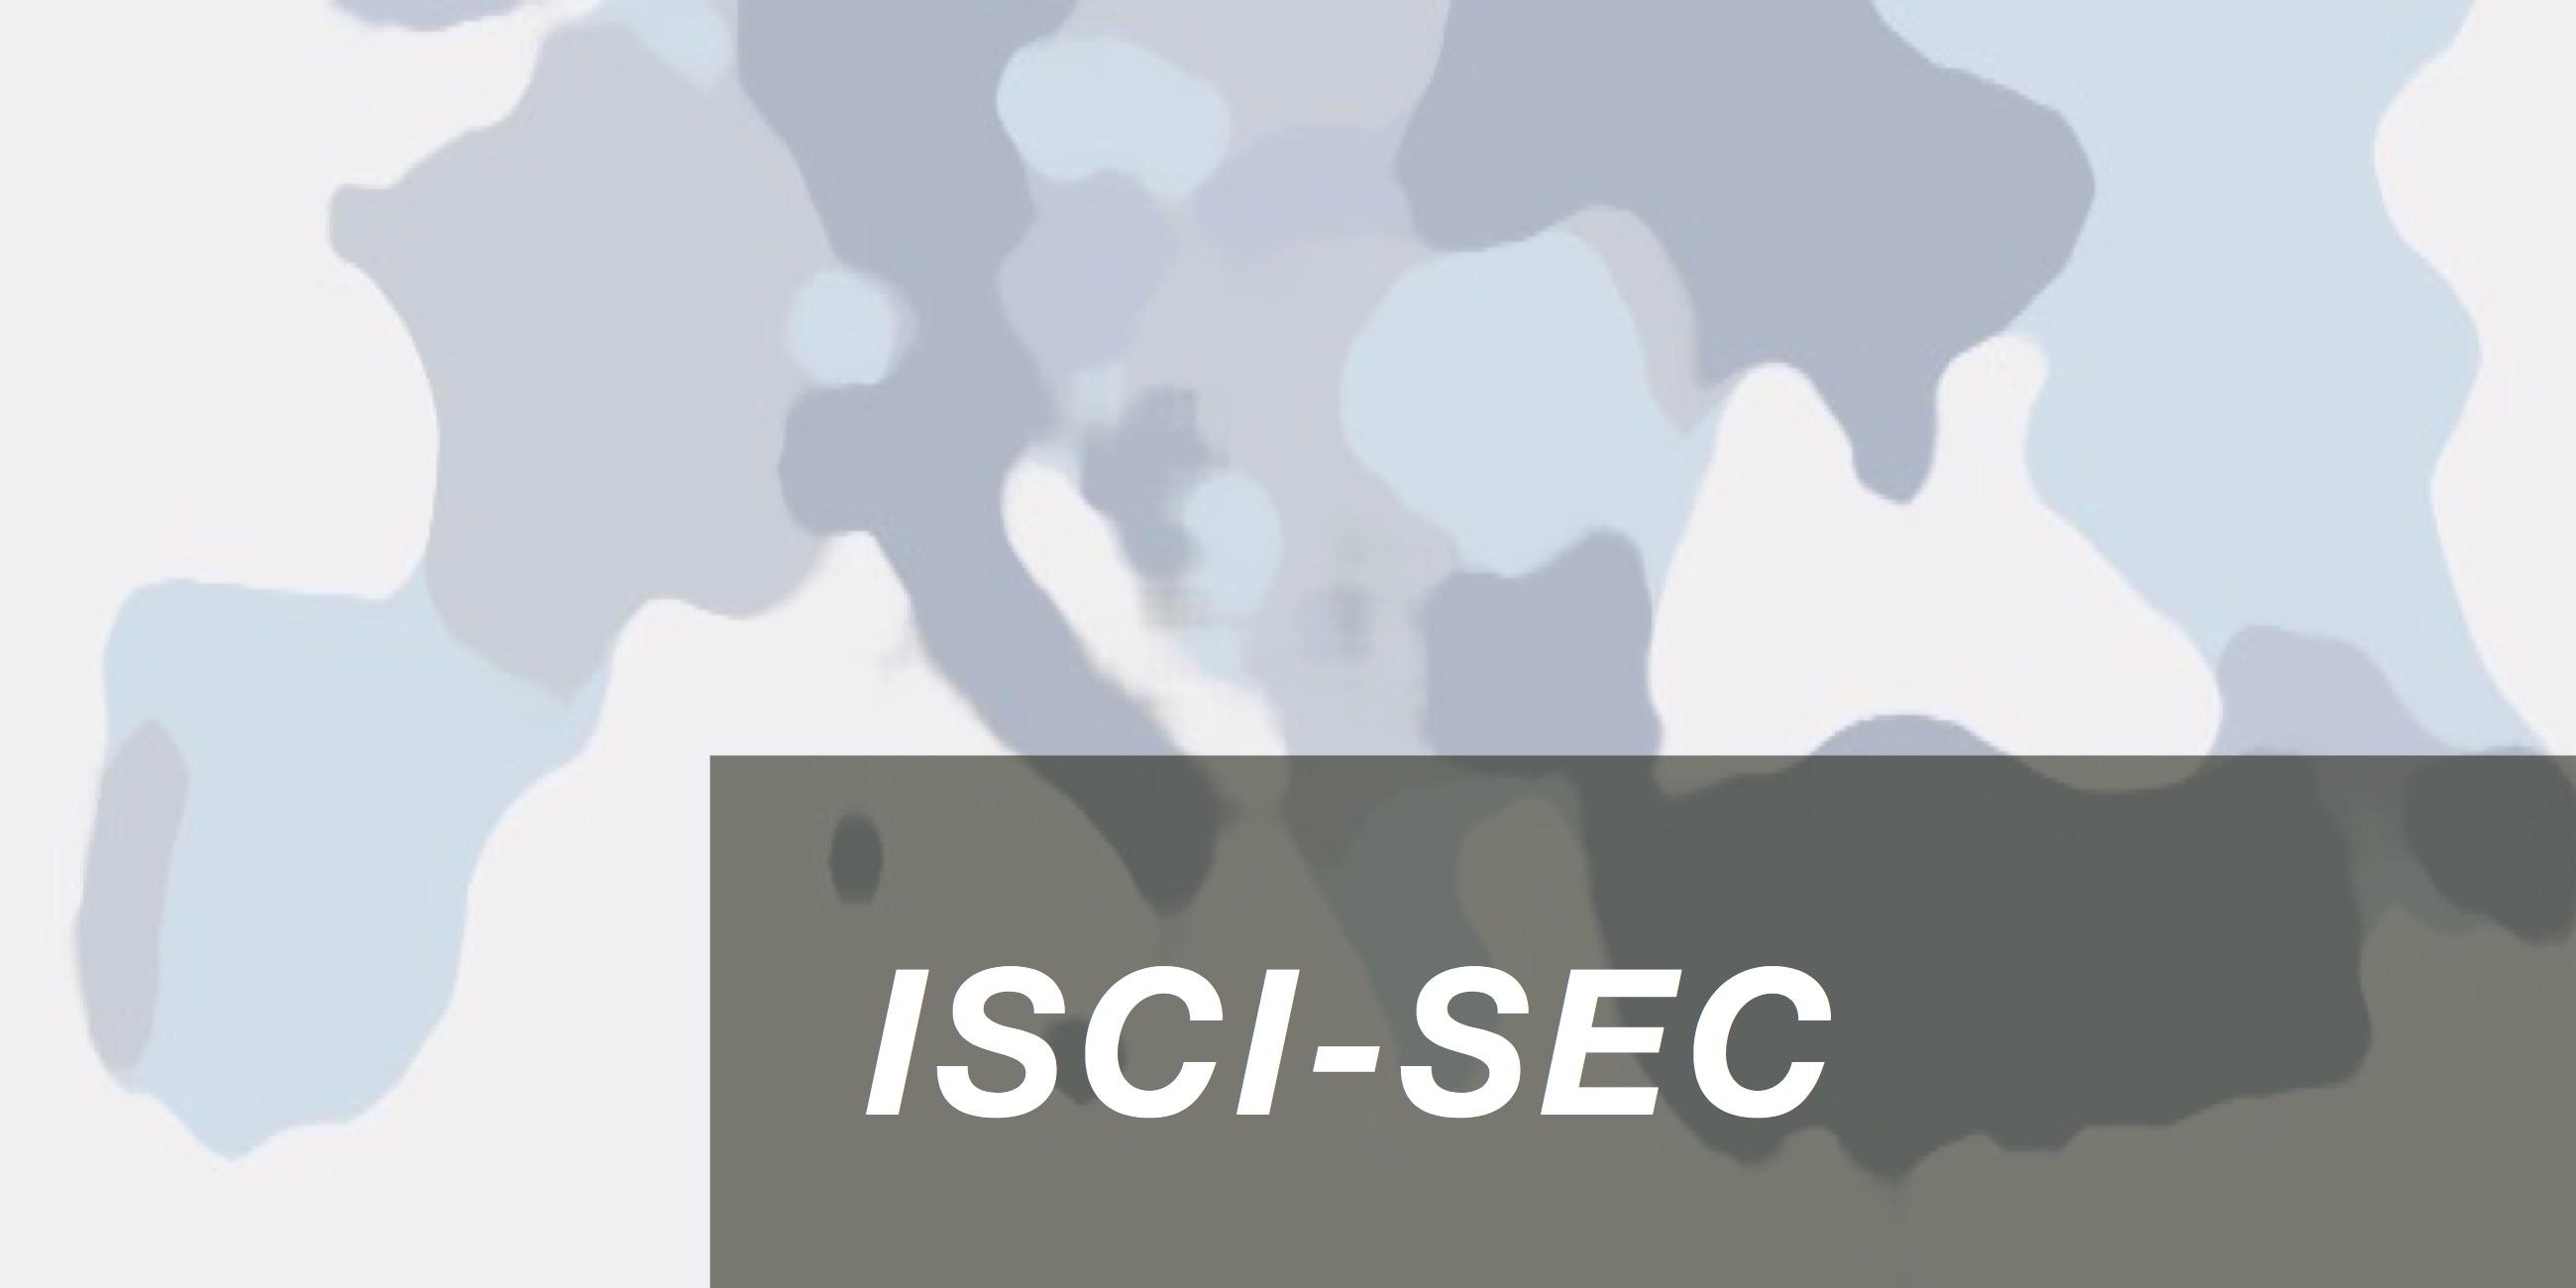 Projecte: ISCI-SEC